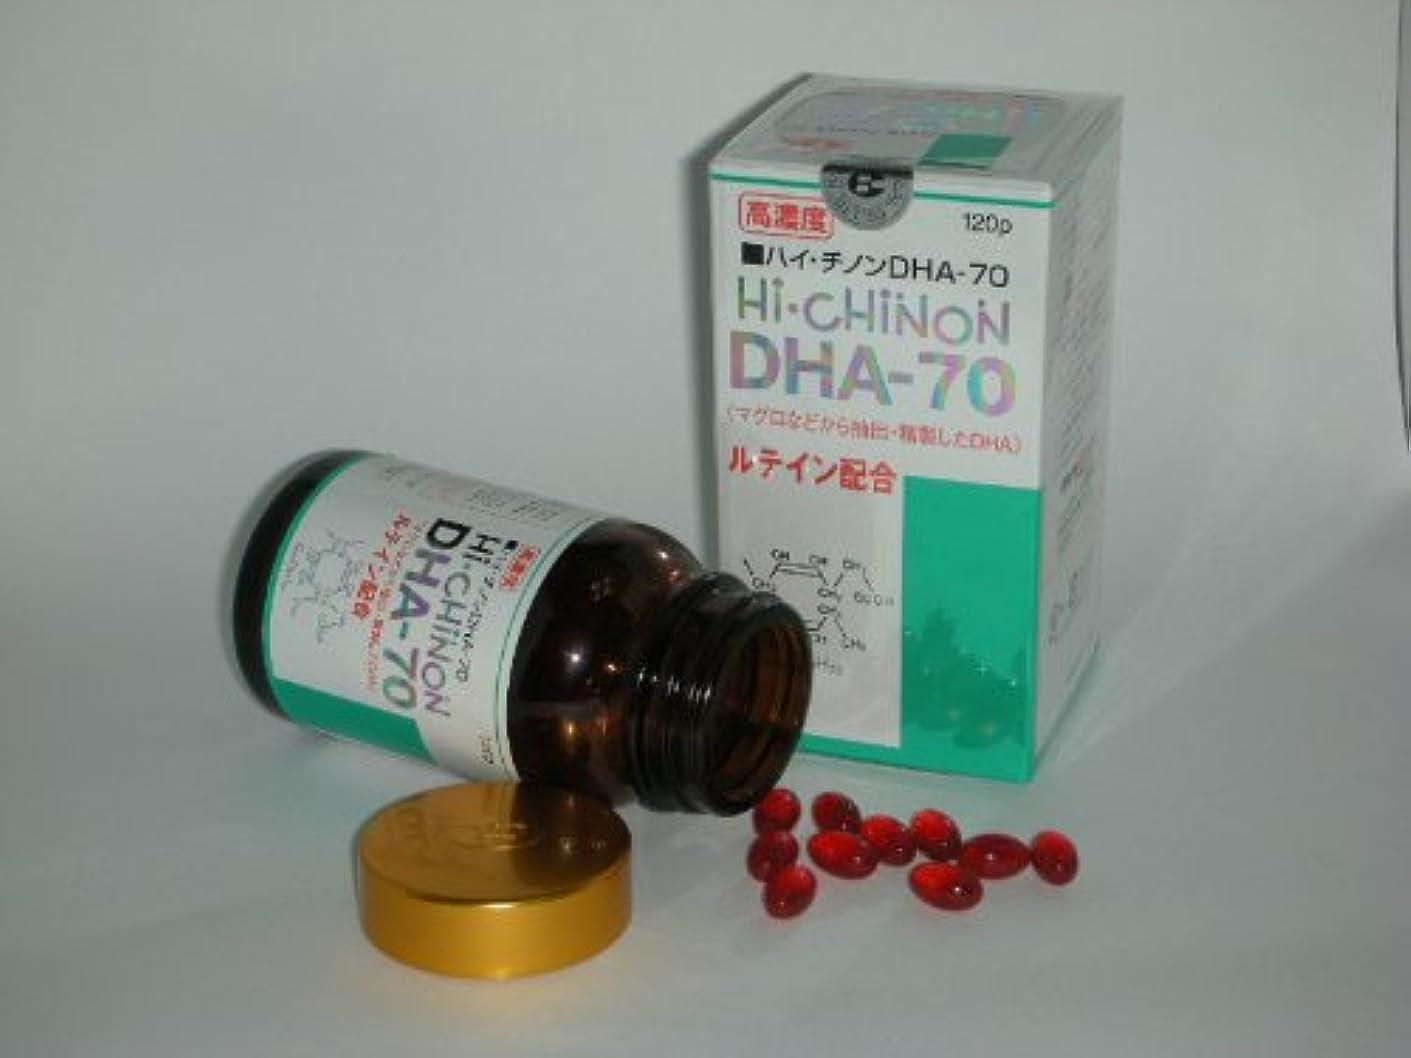 純粋な繊維失望高濃度 ハイチノンDHA-70 120粒